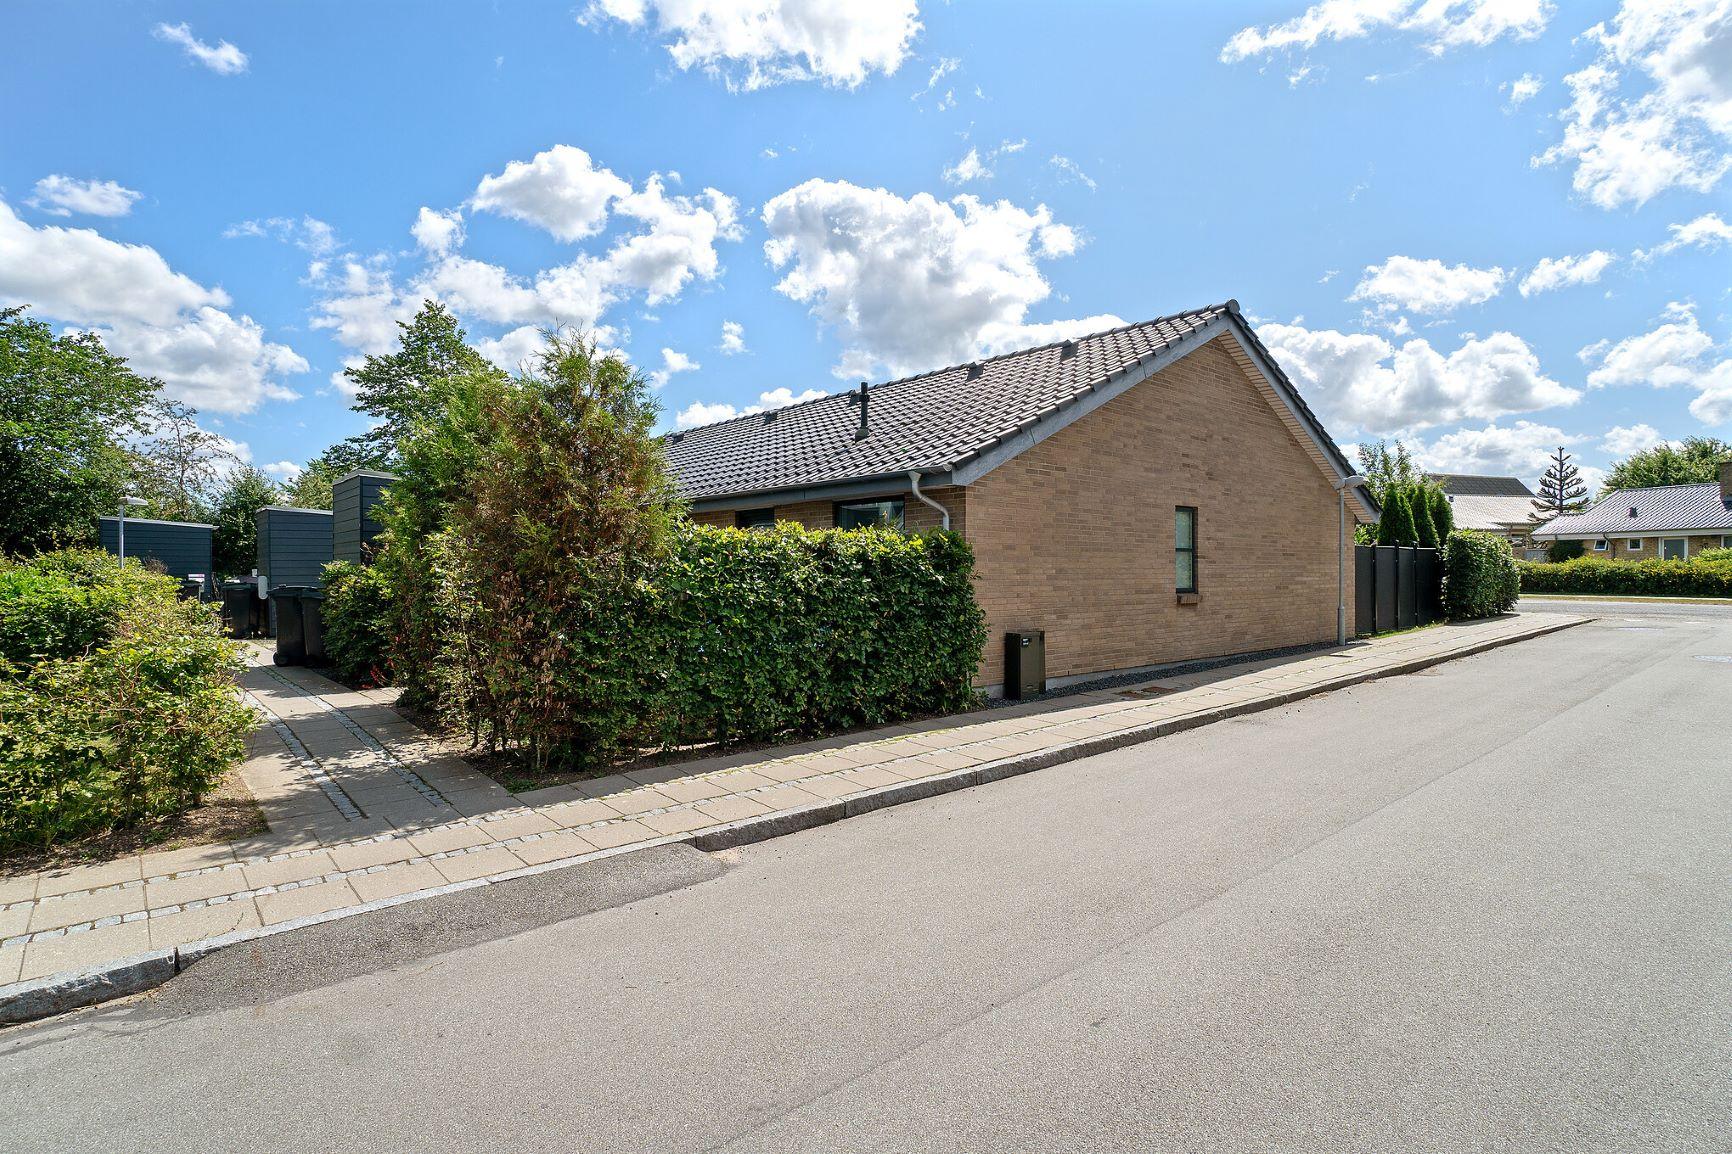 Lejebolig på Dyreholm 1, 2765 Smørum